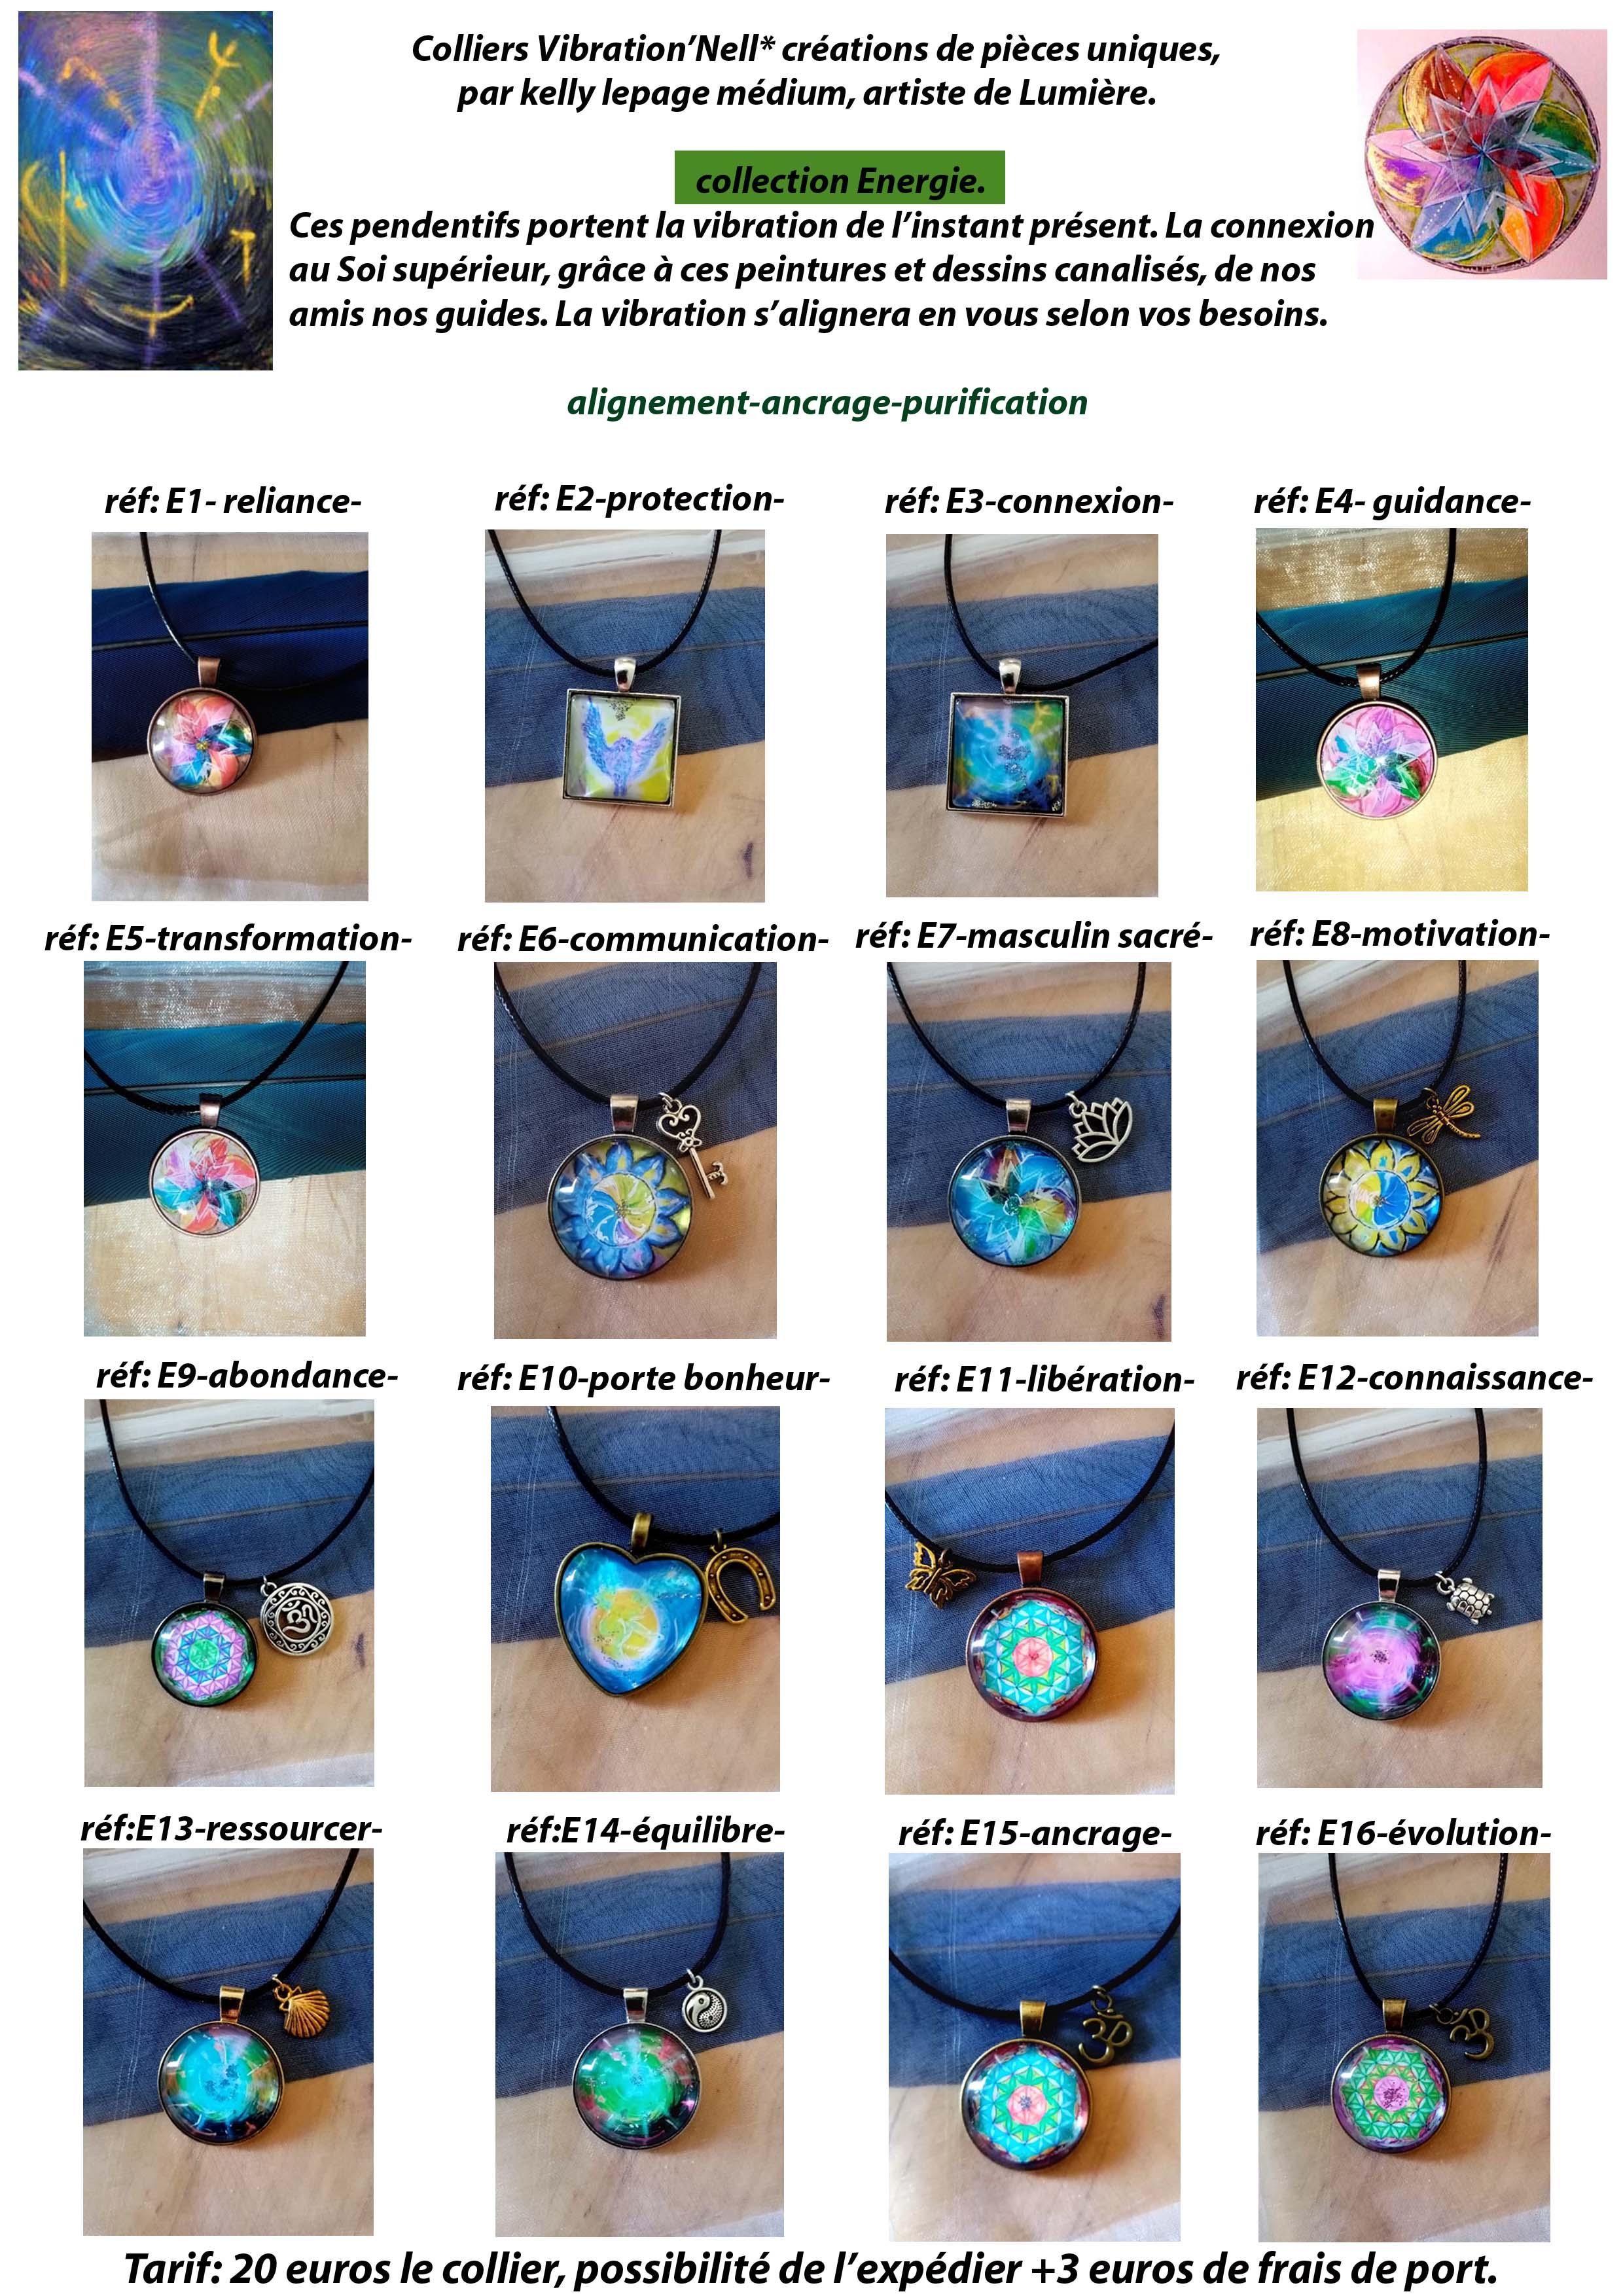 planche energie E